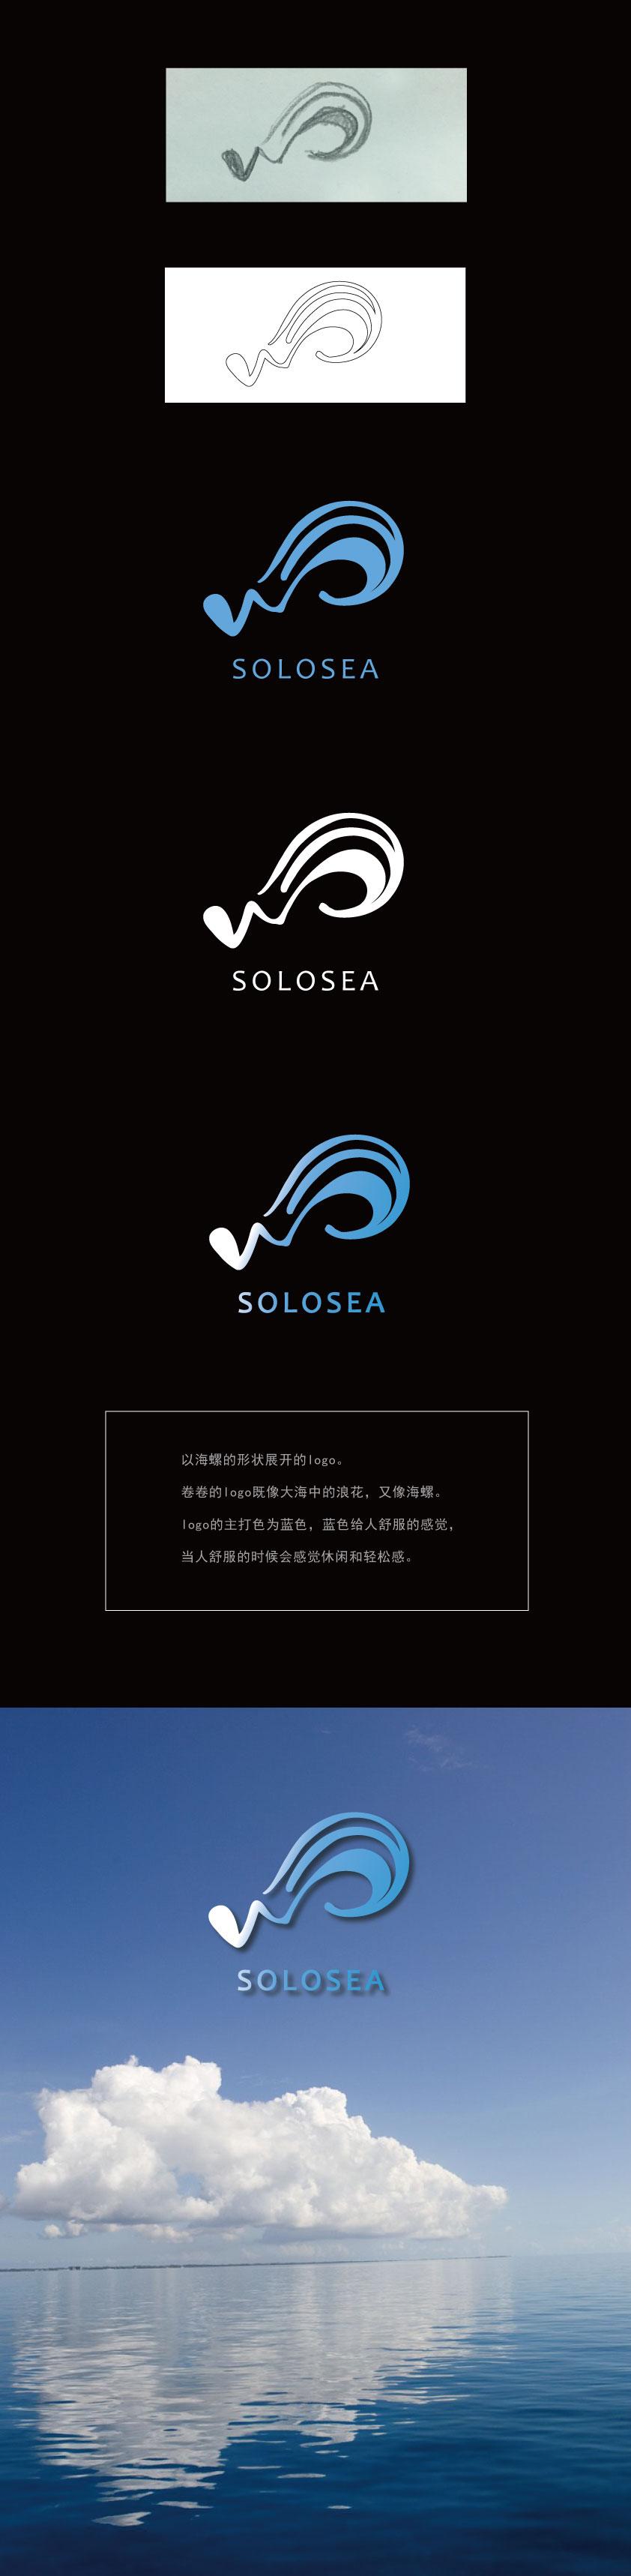 海螺邦的logo设计系列